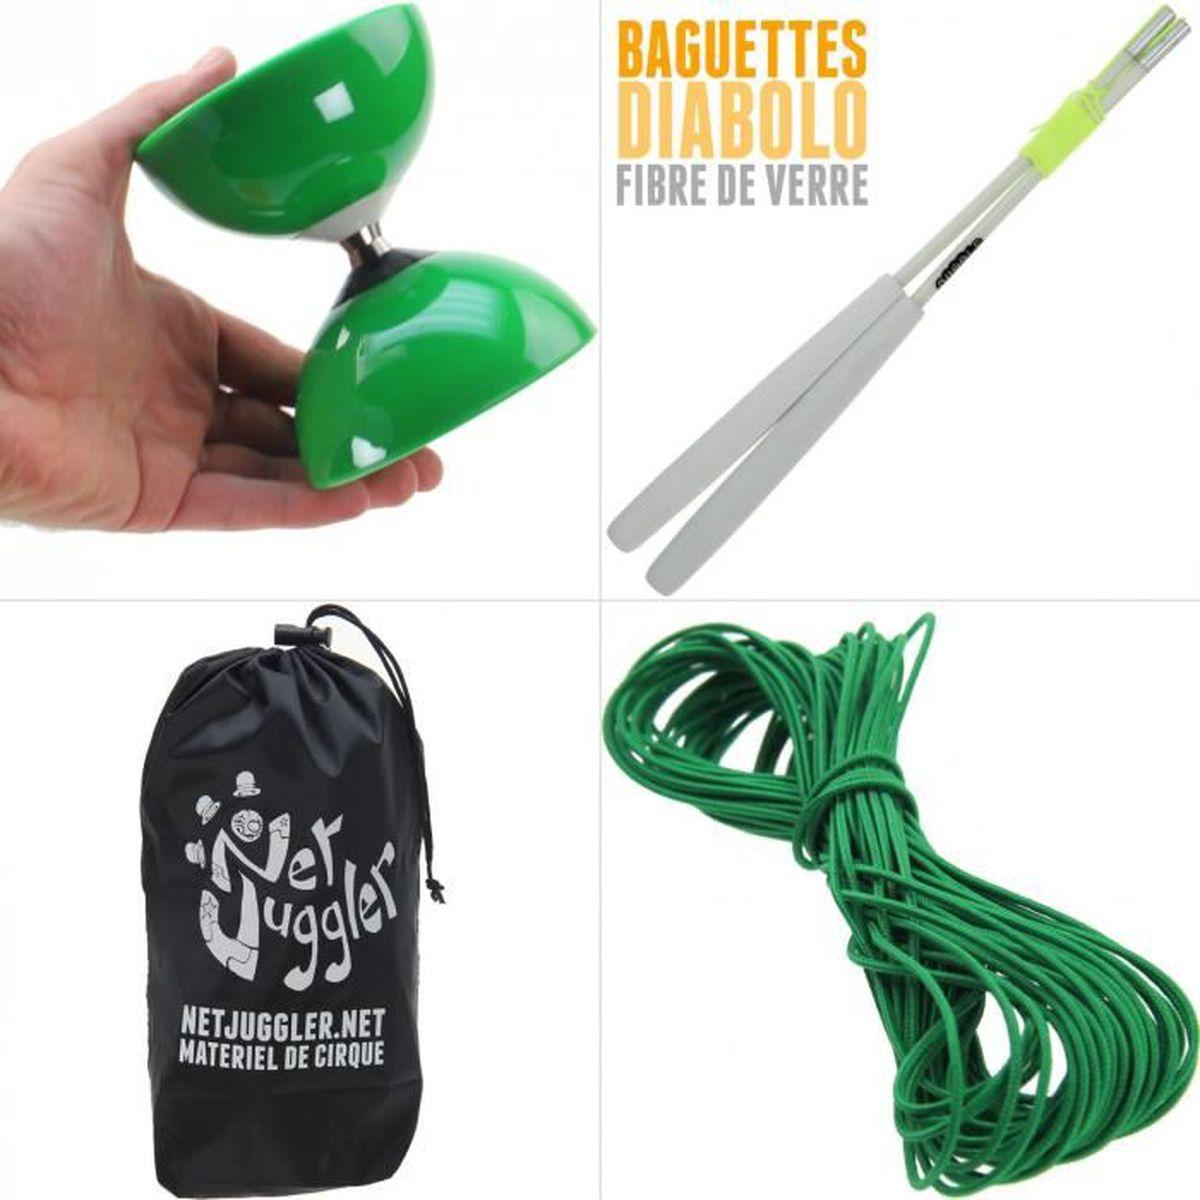 DIABOLO Diabolo Roulement Vert + Baguettes Pro Blanc + Sac